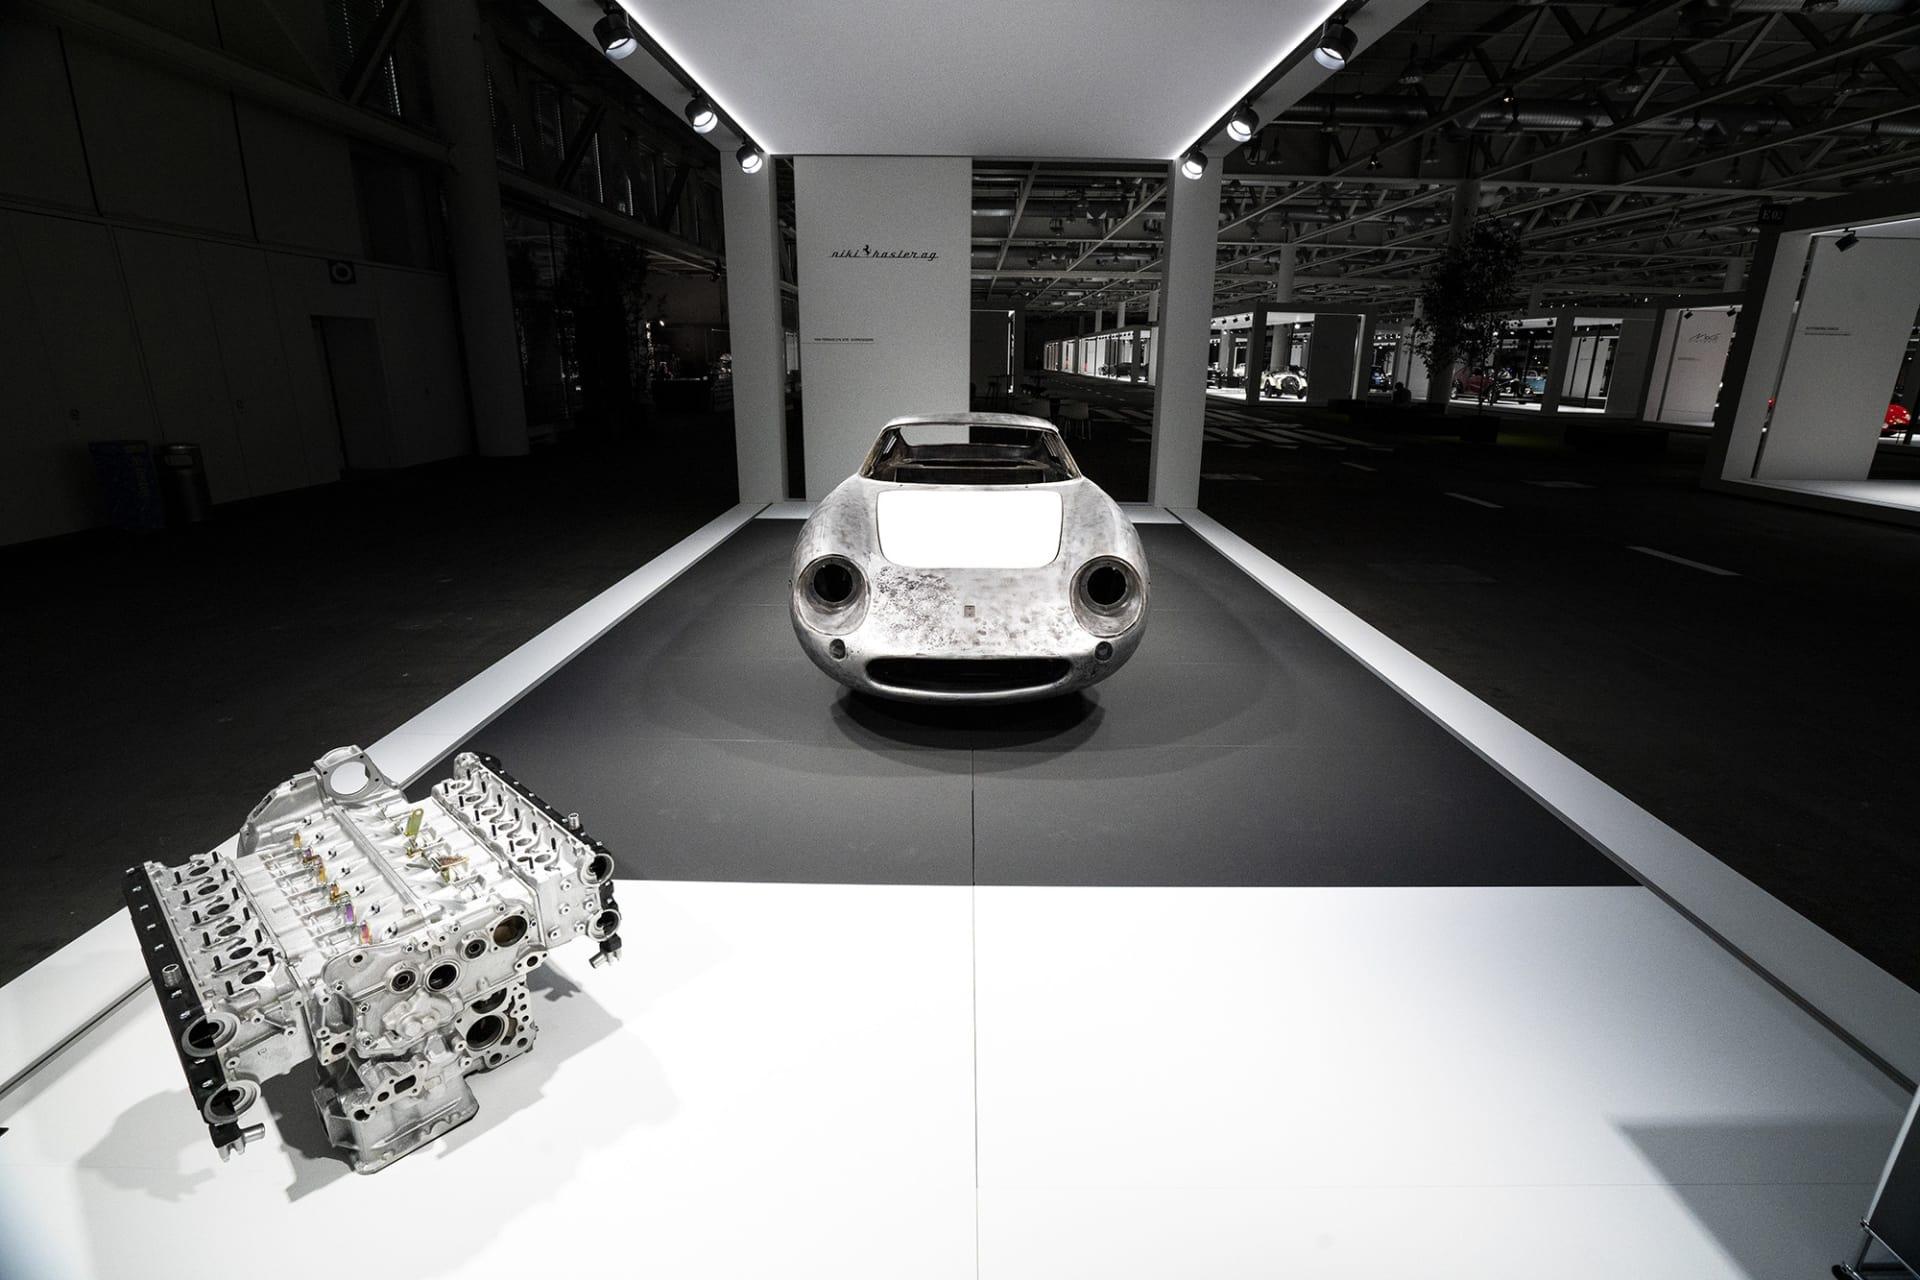 Mellan 1964 och 1968 byggde Ferrari modellen 275 GTB, en modell som bland många anses vara den absolut vackrast Ferrarin som någonsin byggts. När den lanserades hade den ny revolutionerande teknik, t.ex. individuell fjärding bak och växellådan monterad på bakaxeln och givetvis en V12-motor där fram. Dessa bilar går idag för astronomiska summor på auktioner, även som renoveringsobjekt likt denna.